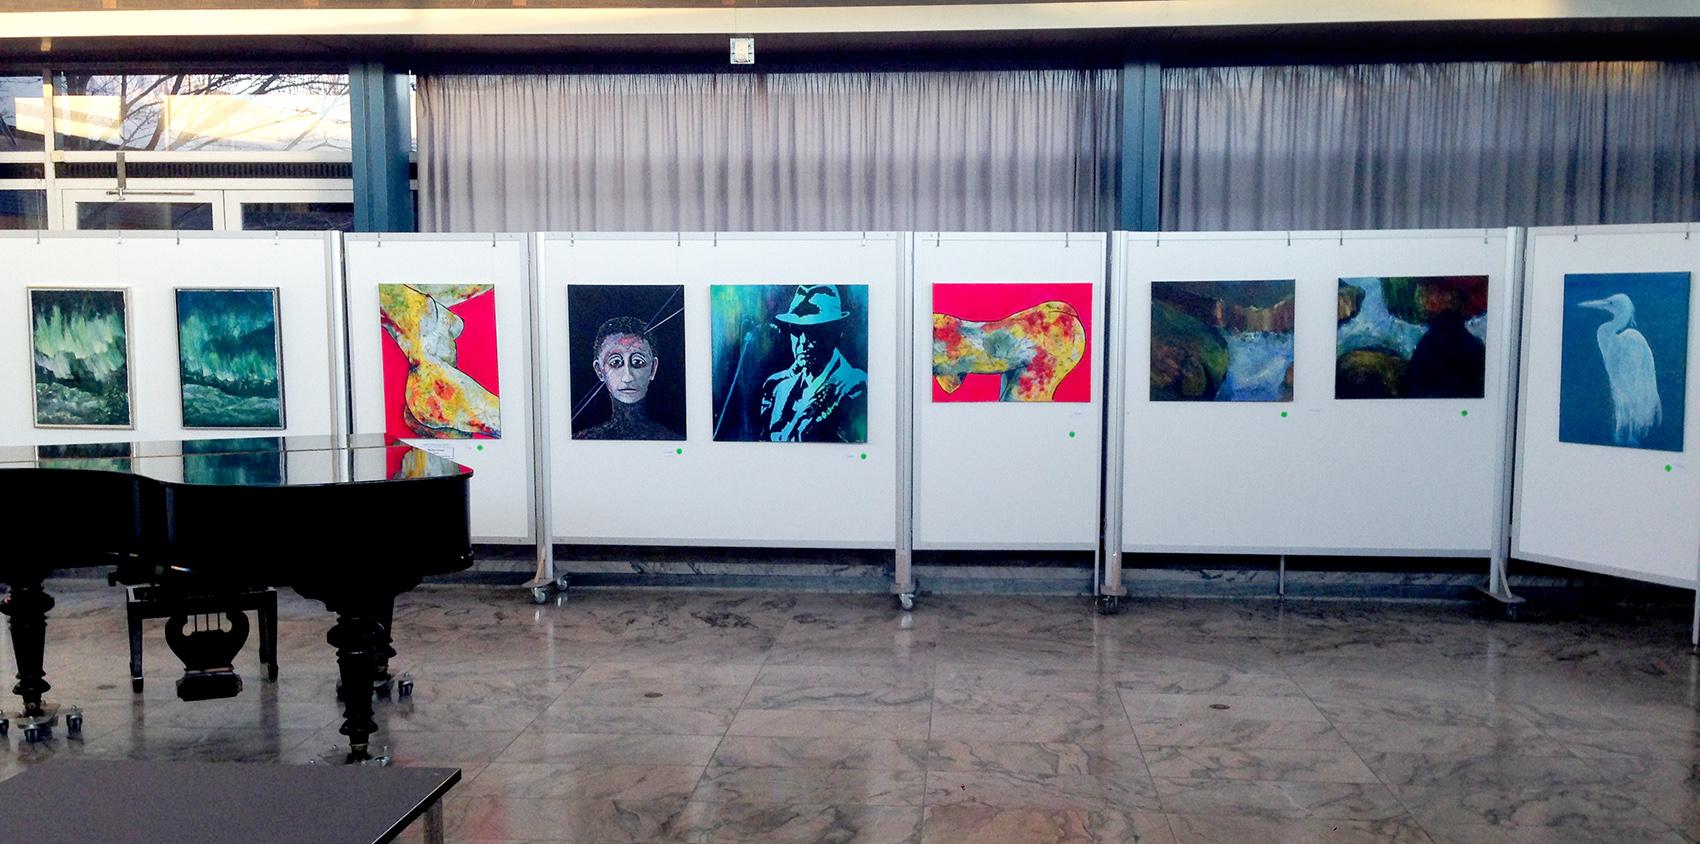 Heidi Sinnet udstillinger på Åben udstilling på Rødovre Bibliotek